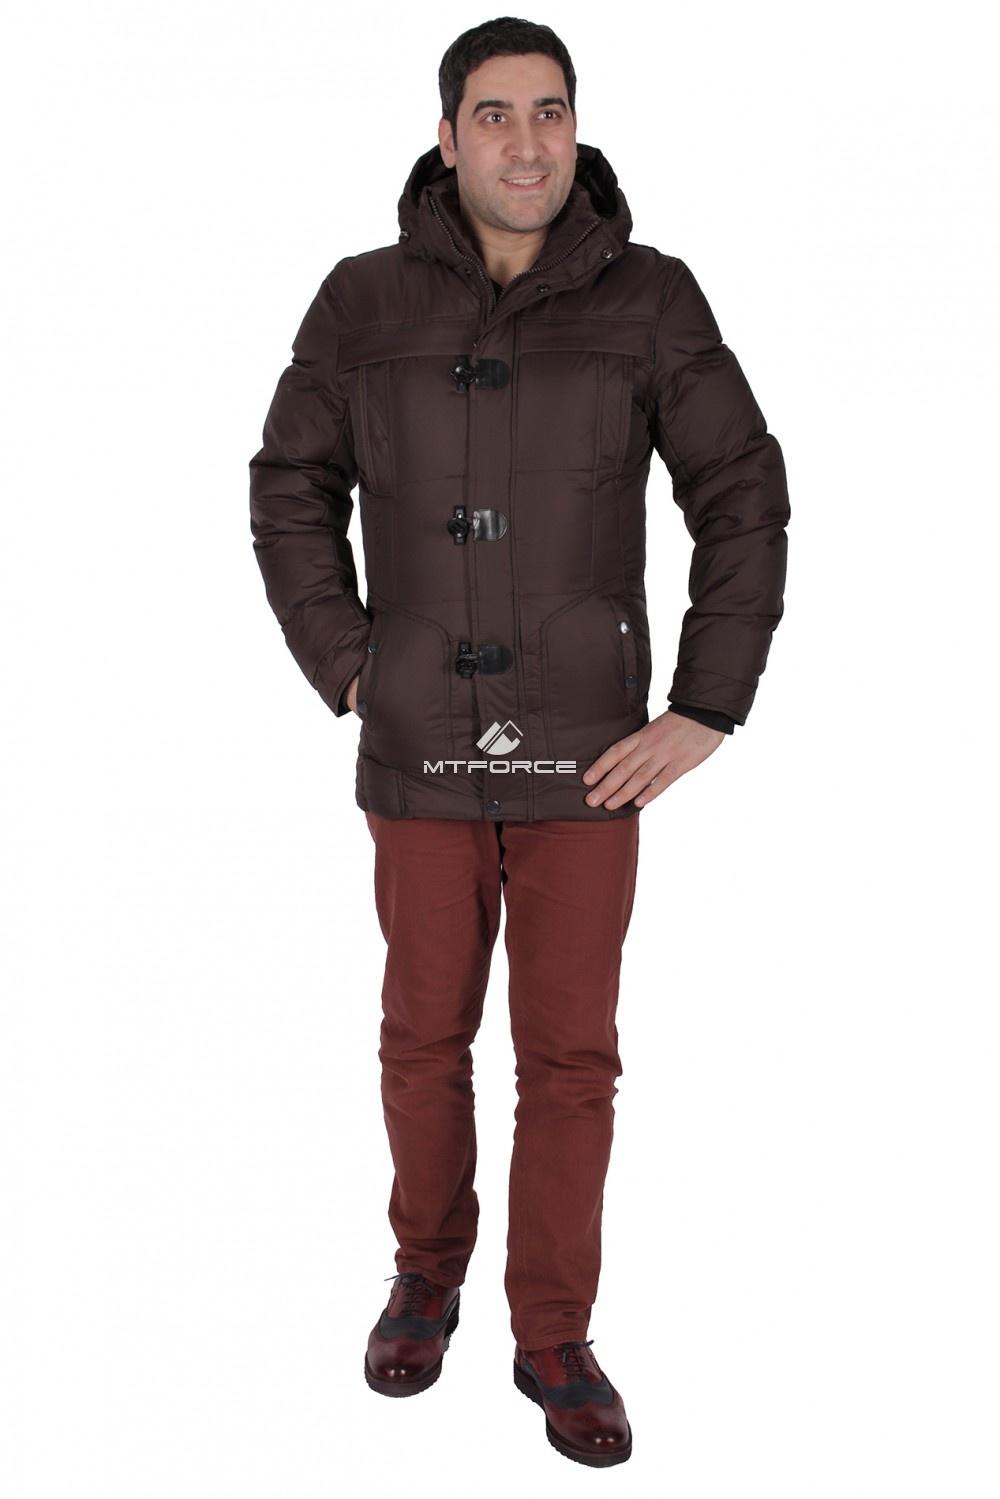 Купить                                  оптом Куртка зимняя мужская коричневого цвета 897K в Новосибирске